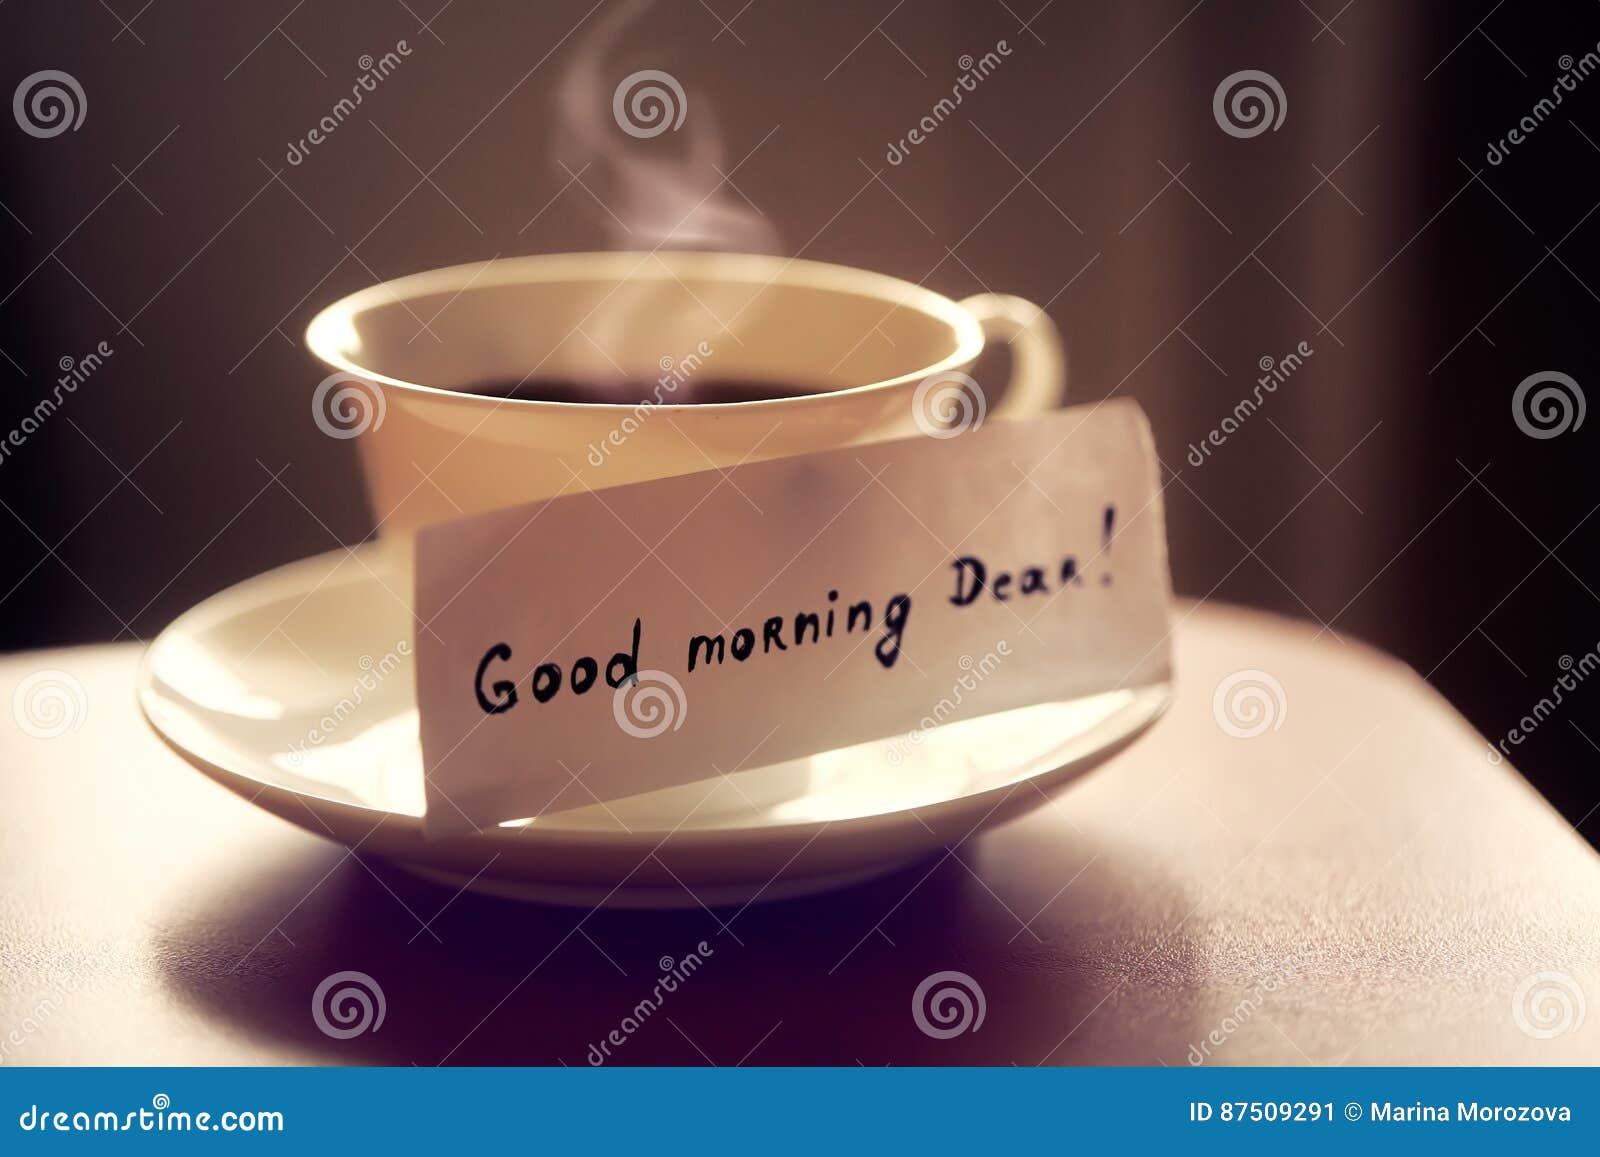 tasse en c u00e9ramique blanche de th u00e9 ou de caf u00e9 avec   gentil bonjour de   de lettre le cher sur la